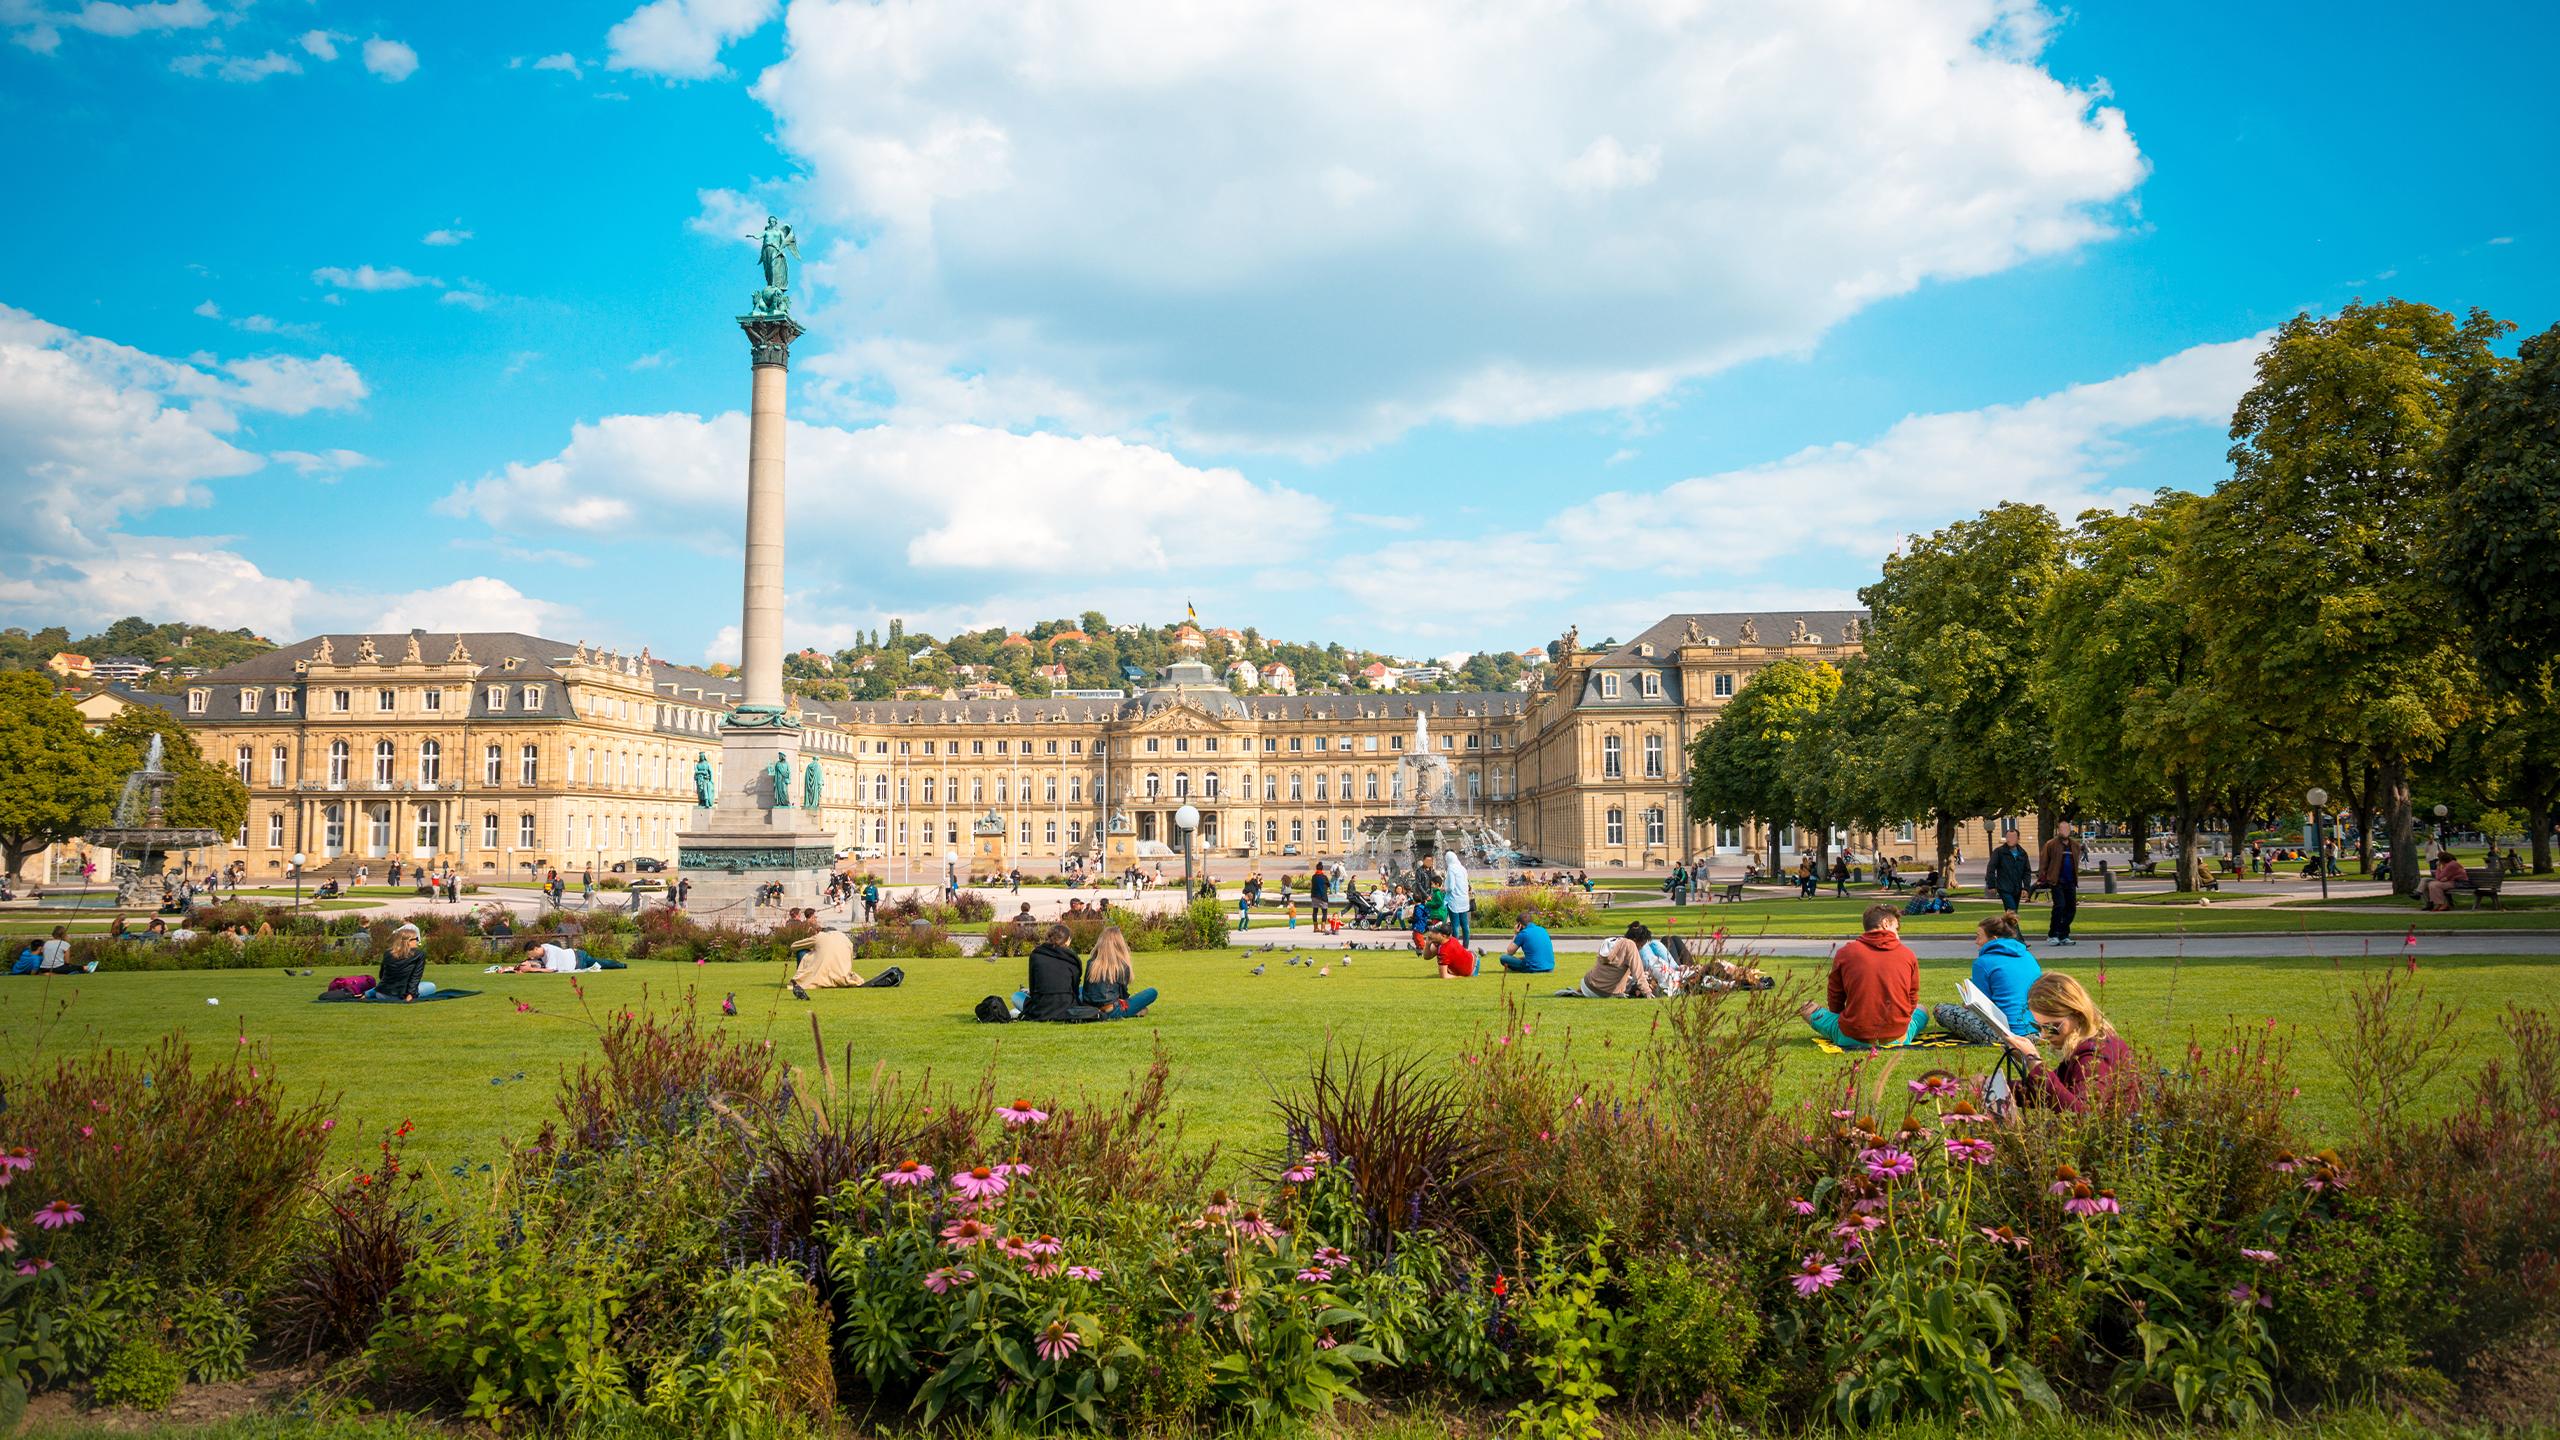 Stuttgart Schlossplatz an einem schönen Herbsttag - ein beliebter Treffpunkt